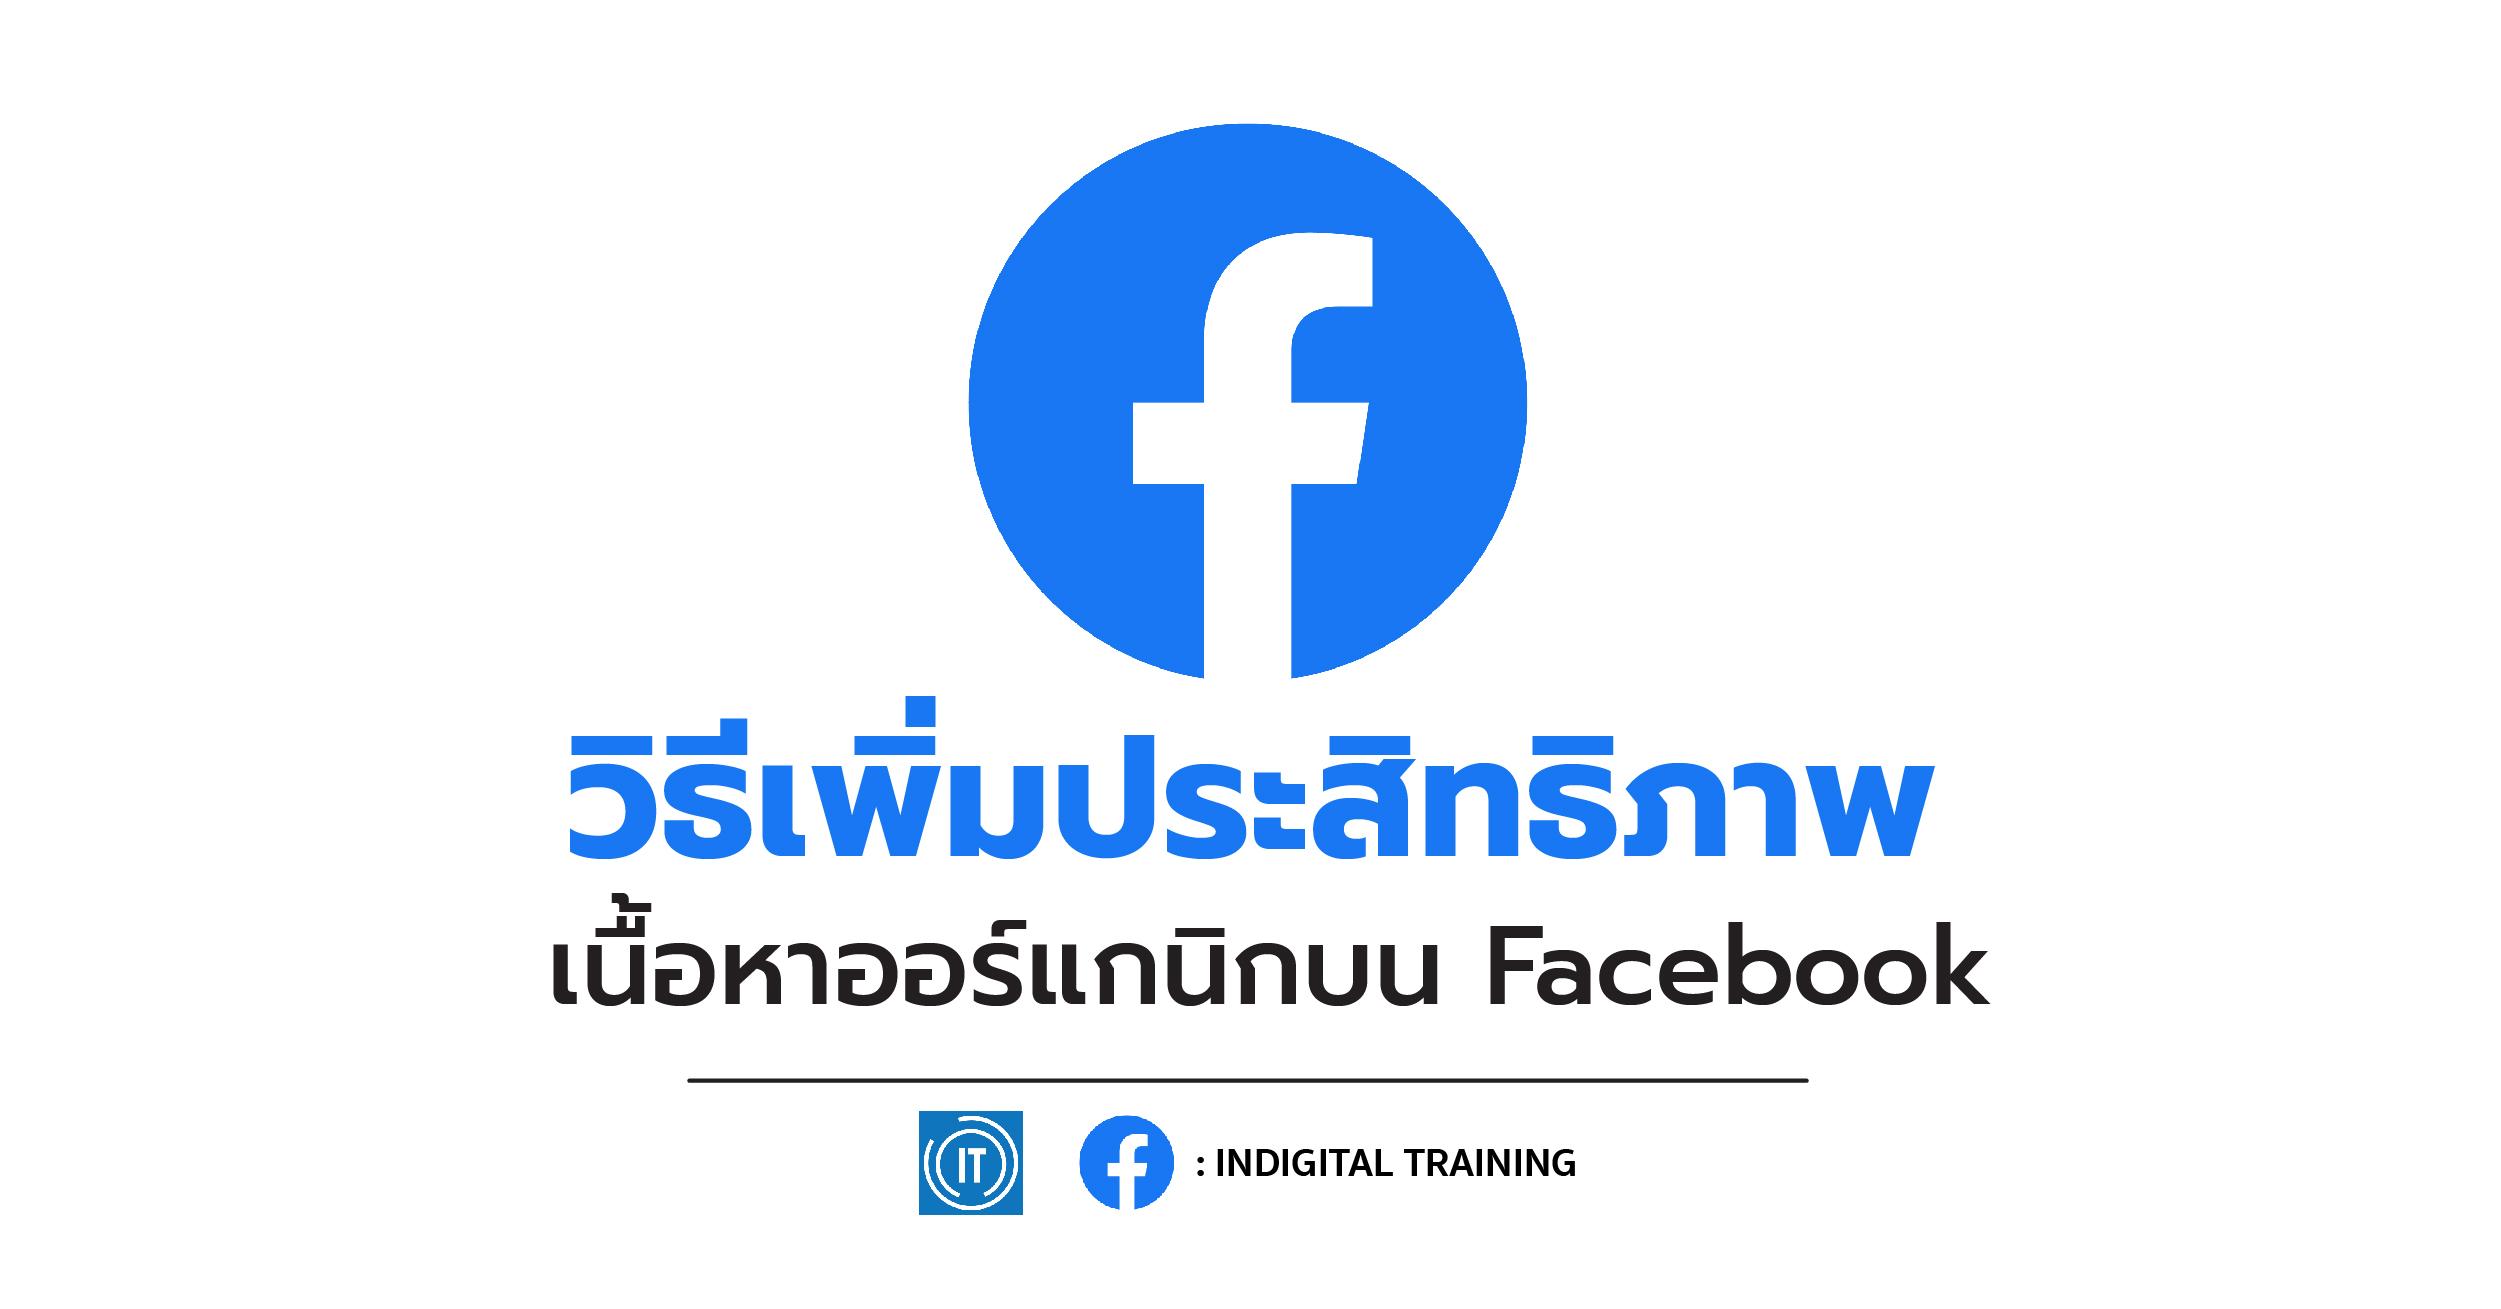 วิธีเพิ่มประสิทธิภาพ เนื้อหาออร์แกนิกบน Facebook